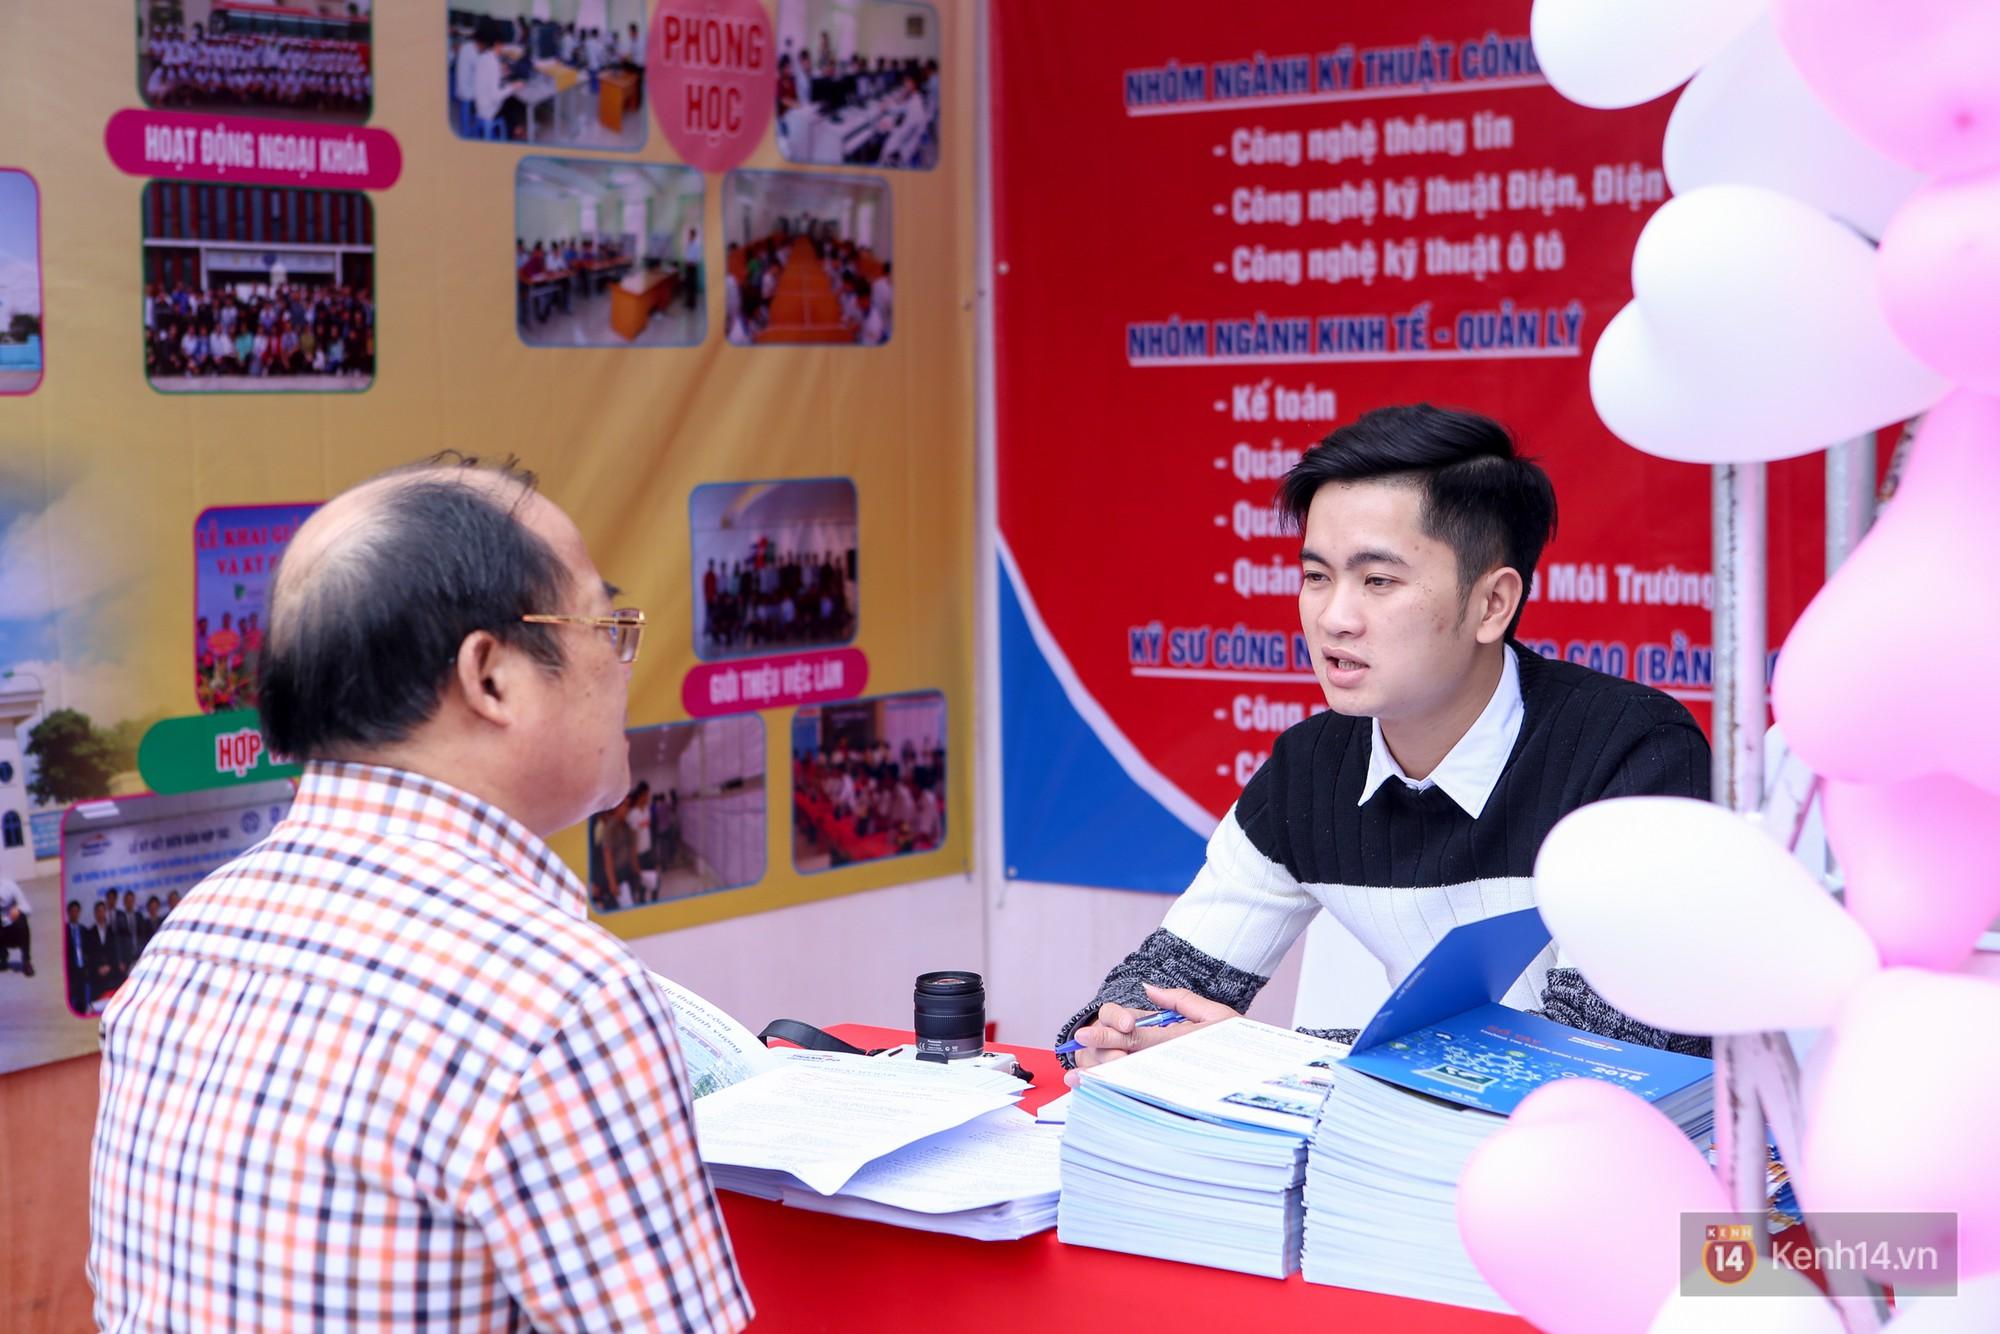 Hơn 10.000 học sinh được tư vấn, giải đáp thắc mắc các vấn đề hot nhất của kỳ thi THPT quốc gia 2018 - Ảnh 14.